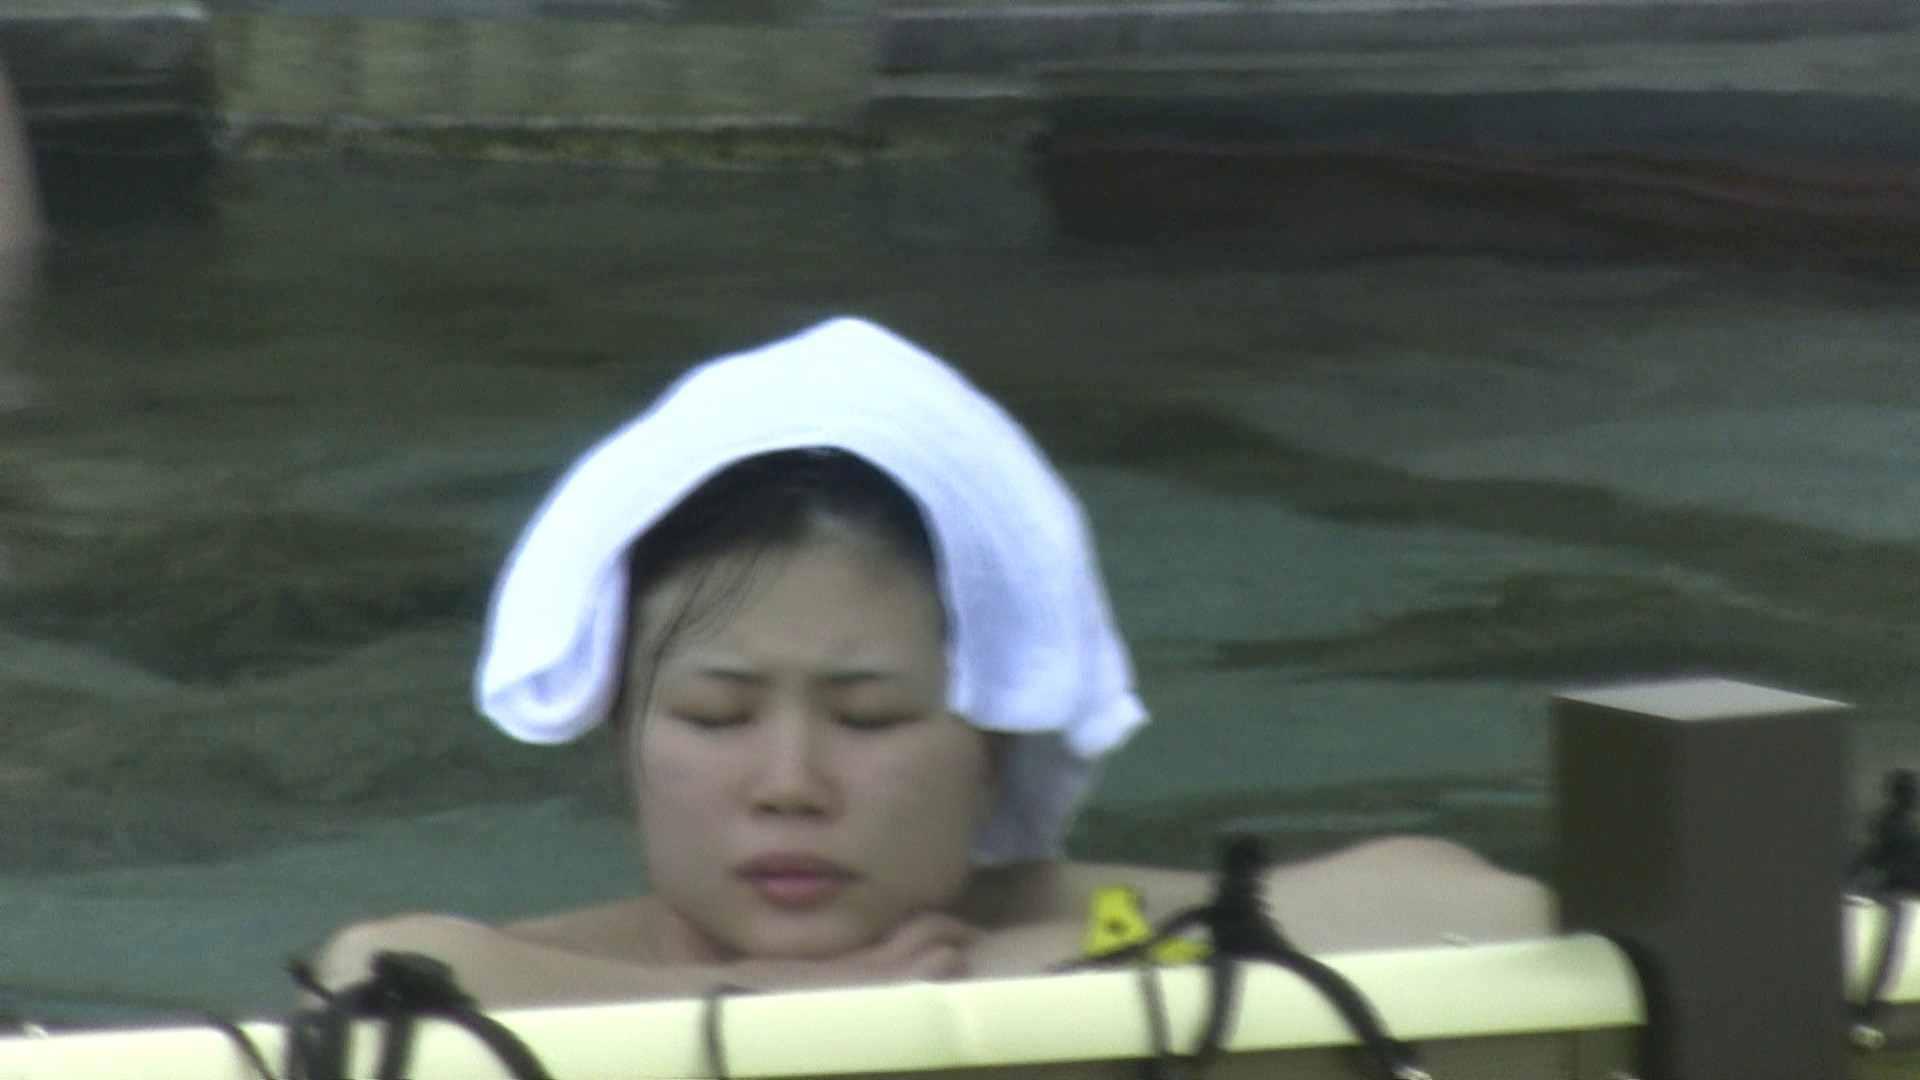 Aquaな露天風呂Vol.183 HなOL 盗撮動画紹介 106pic 37